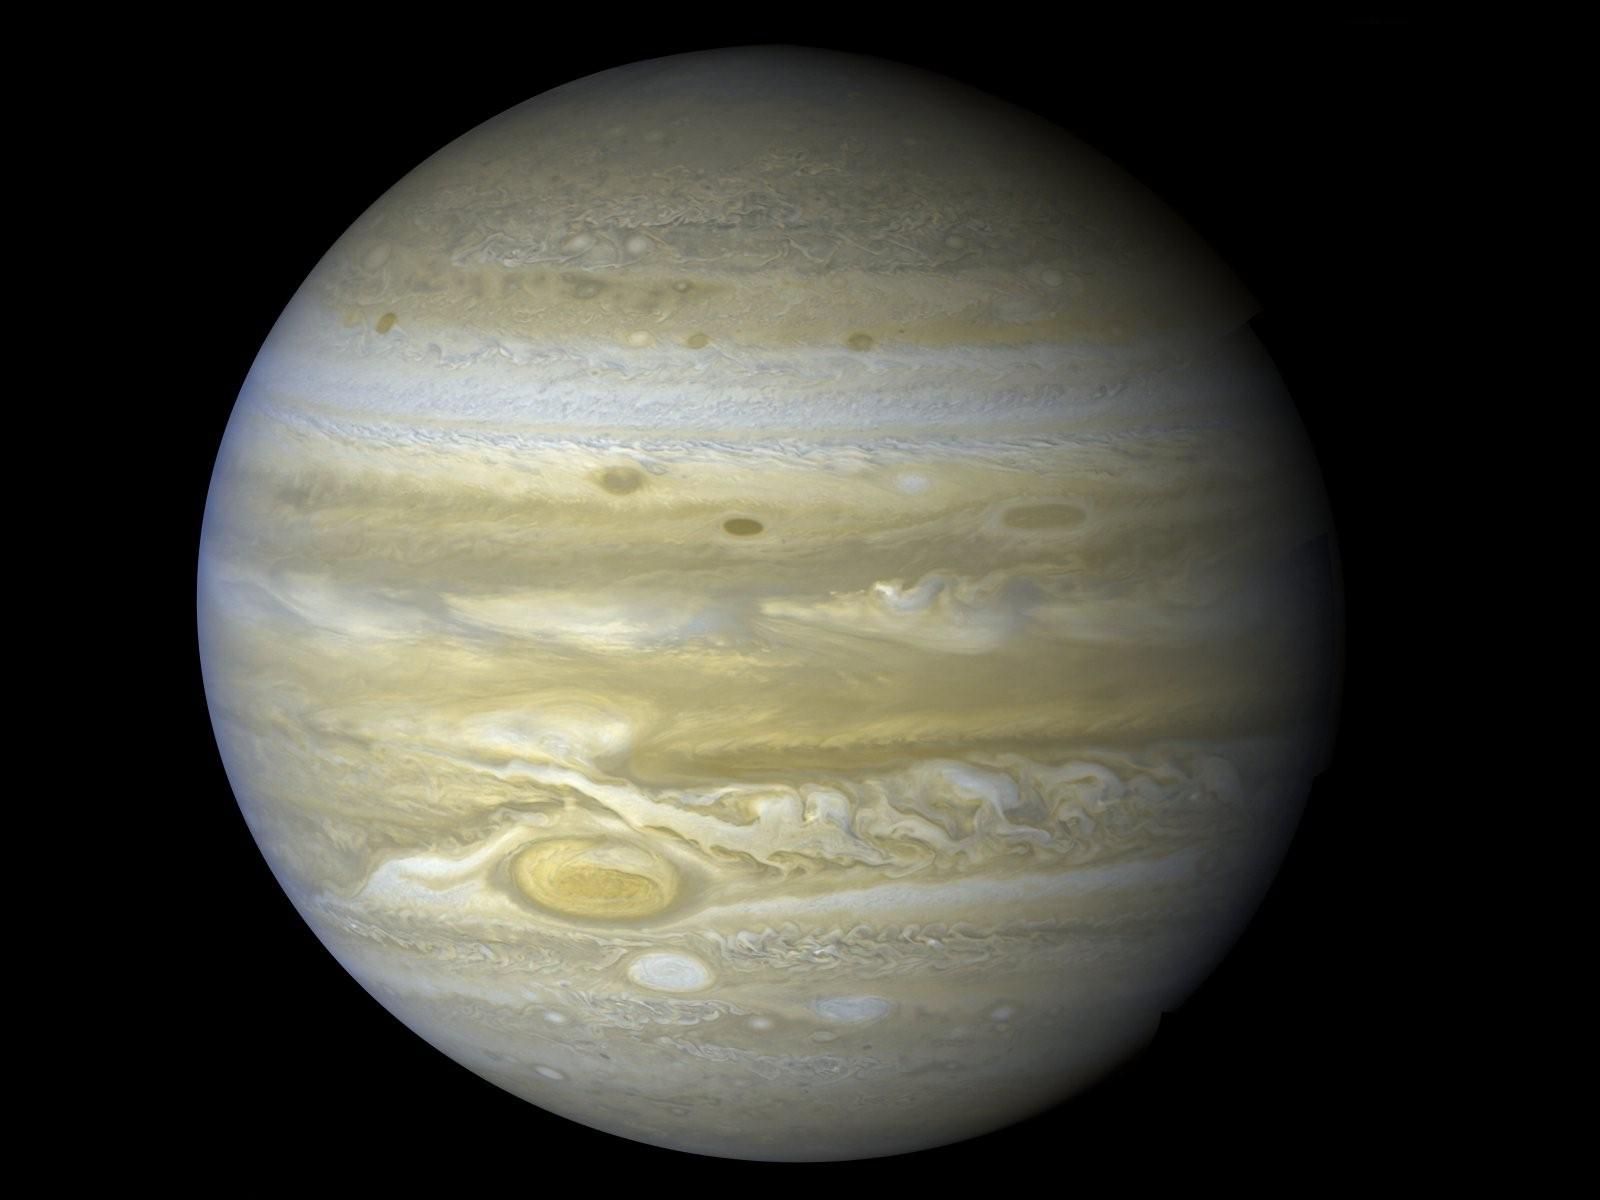 jupiter rings voyager 2 - photo #6